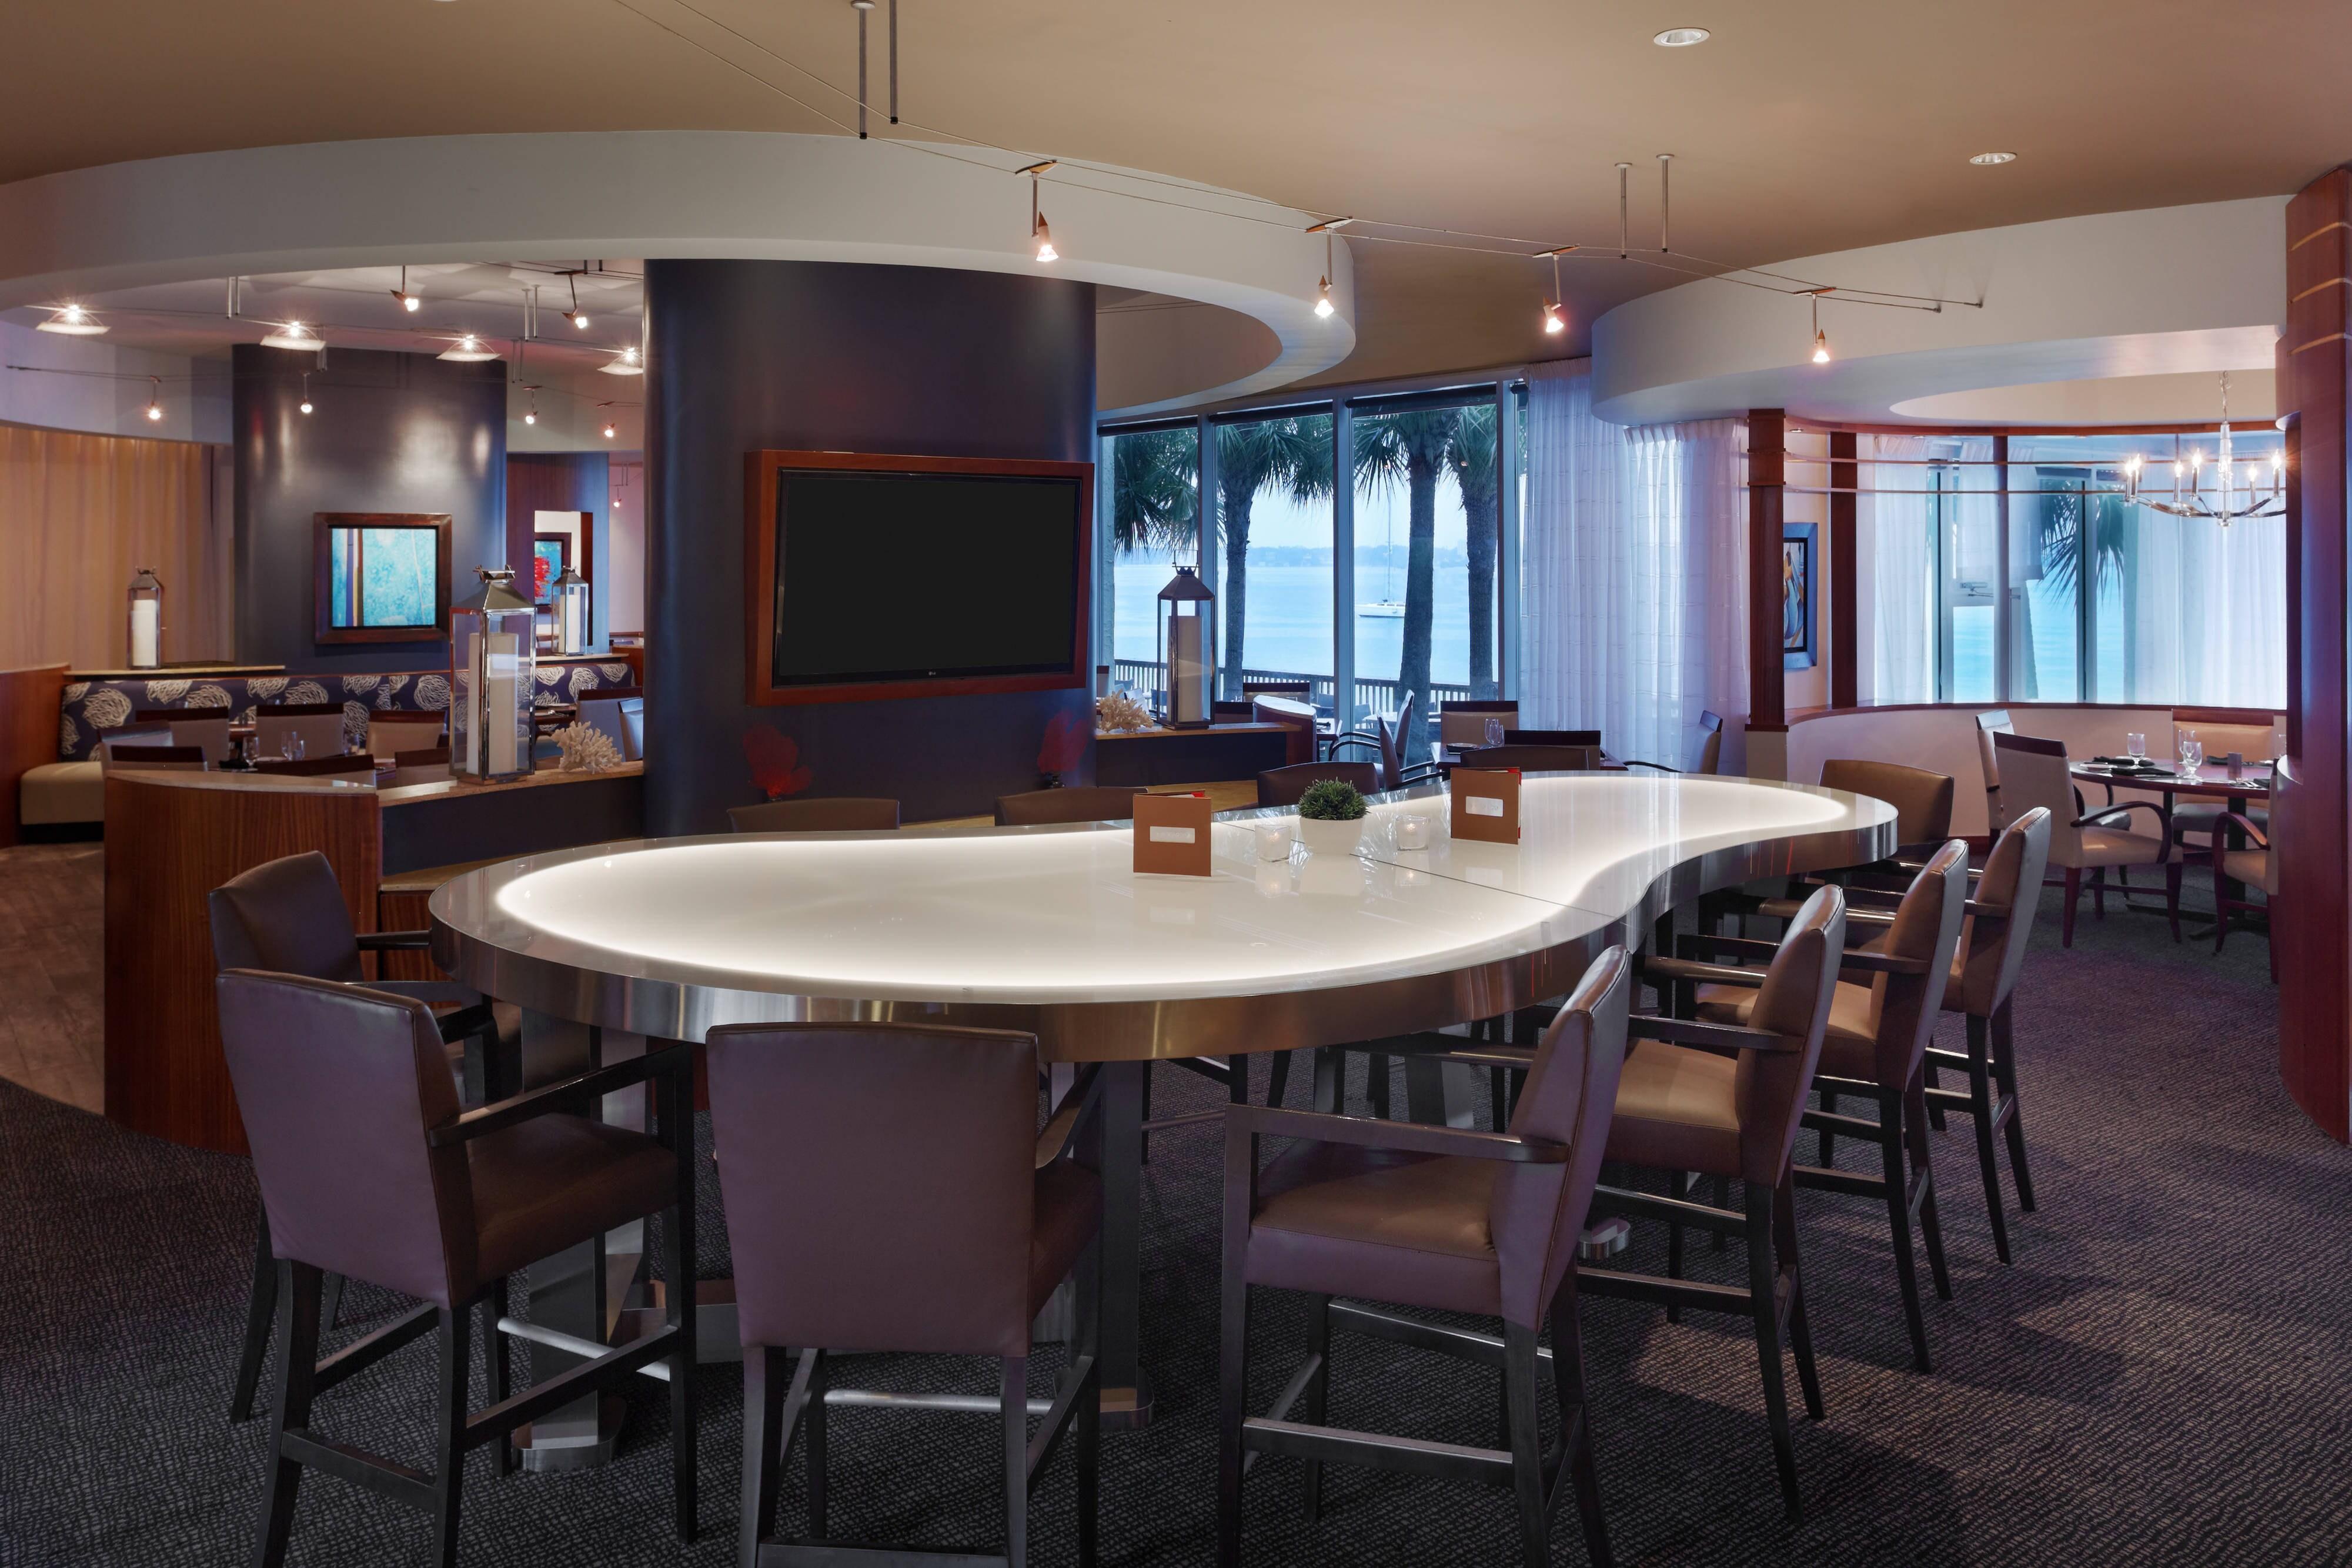 Clearwater Beach Marriott Hotel Restaurant